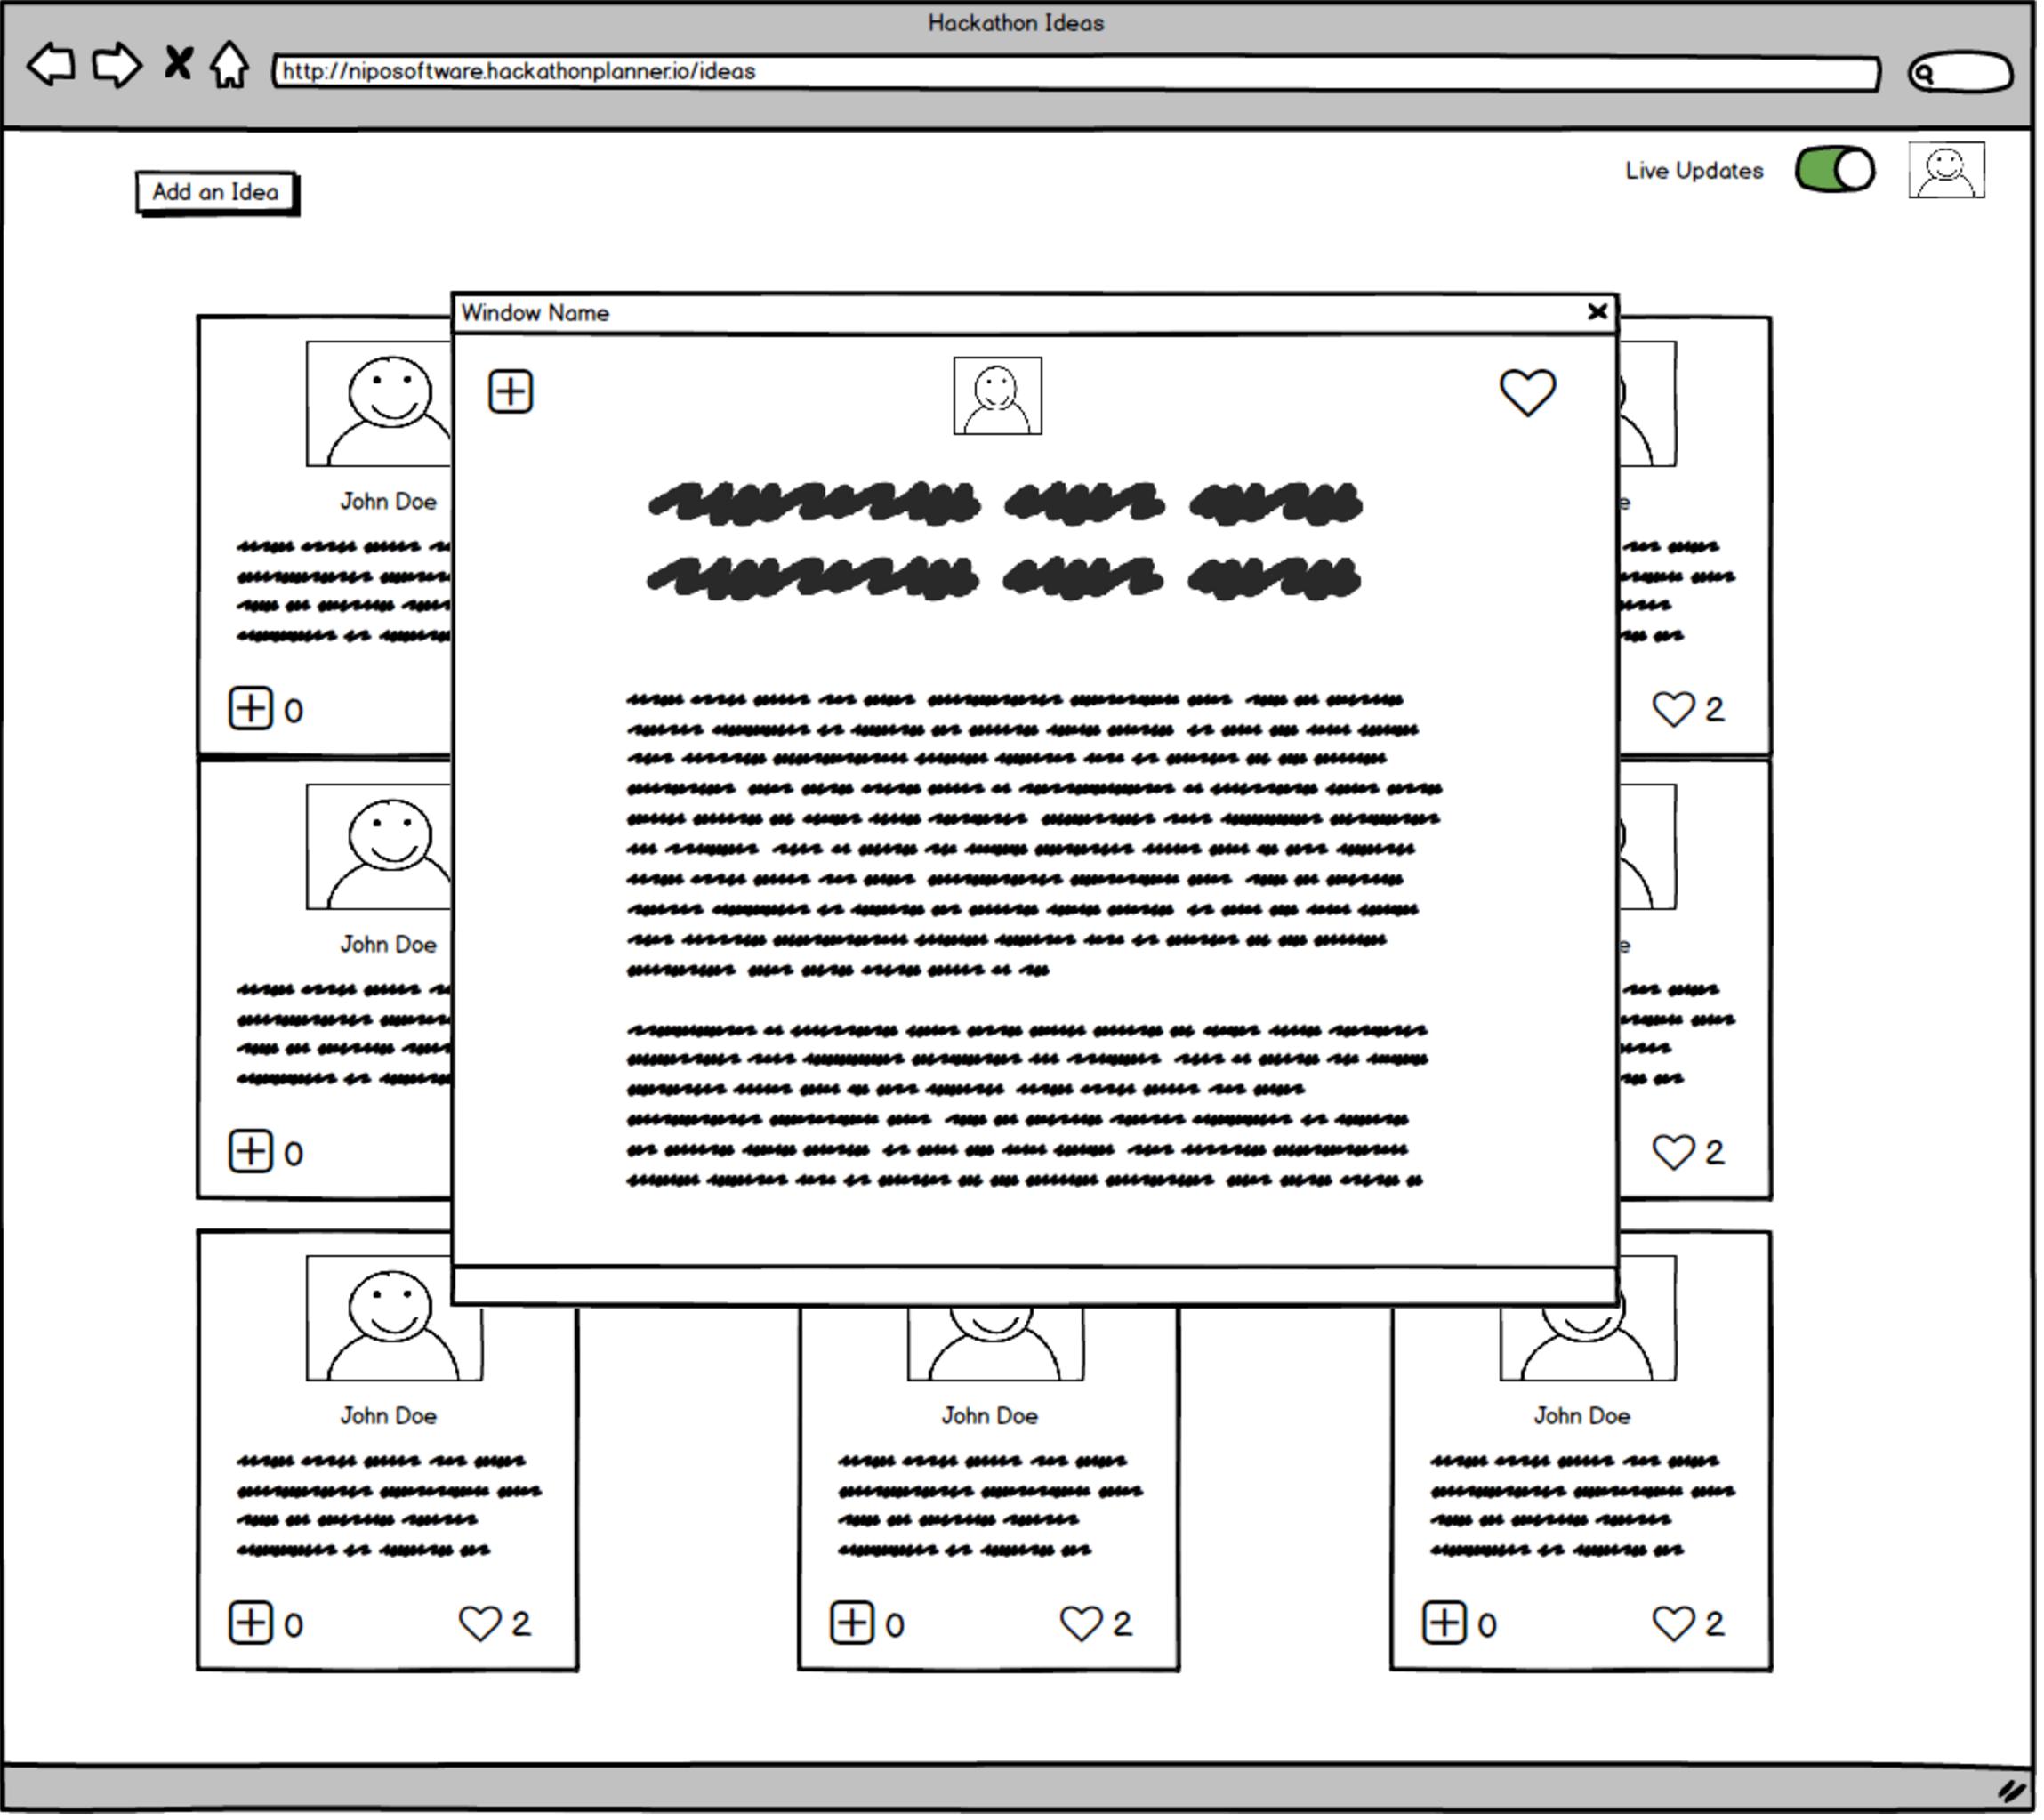 Hackathon Planner - Mockup